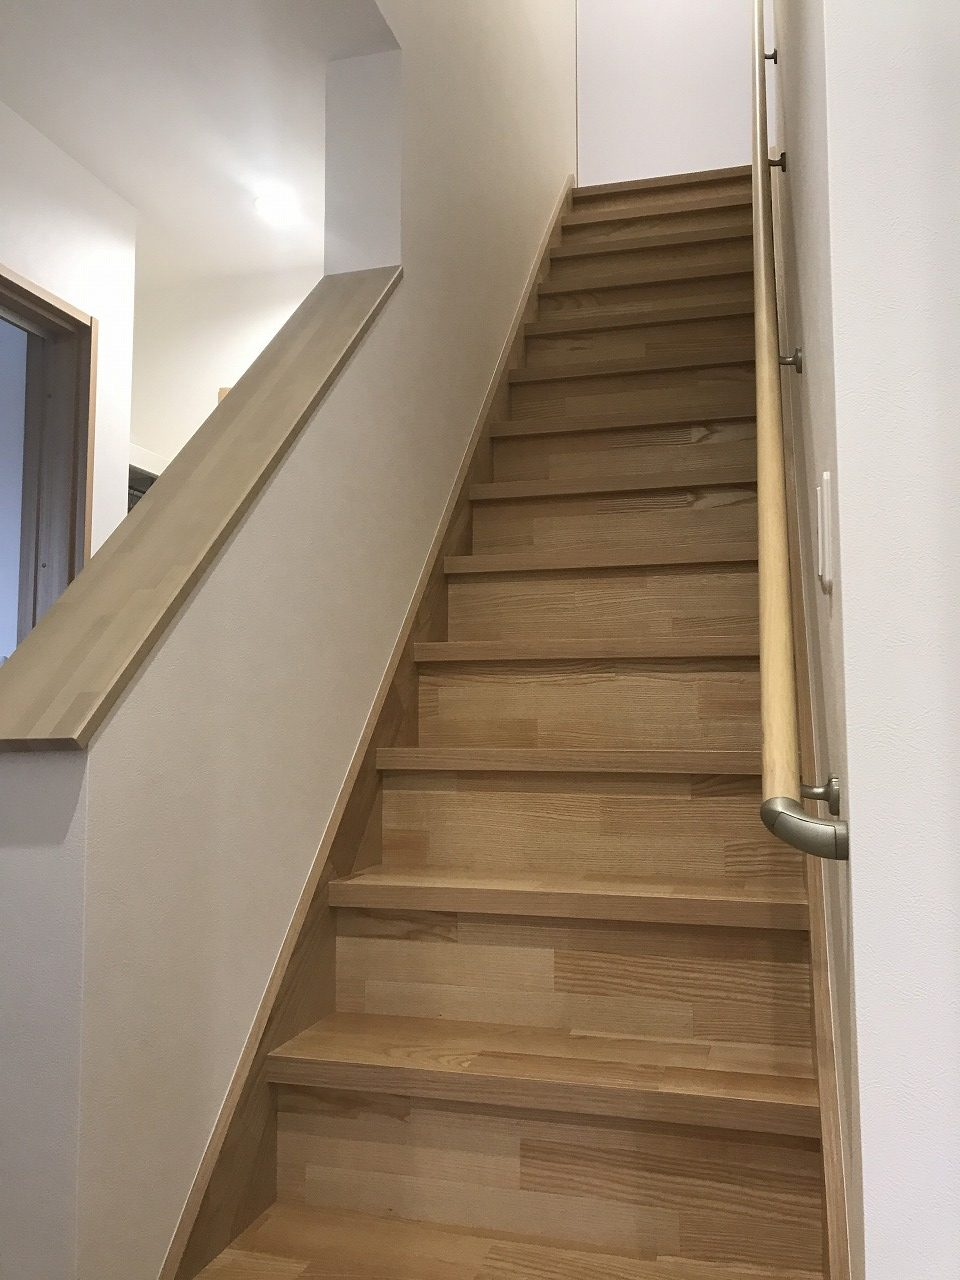 昔ながらの急な階段も段数を増やし安全に緩やかに